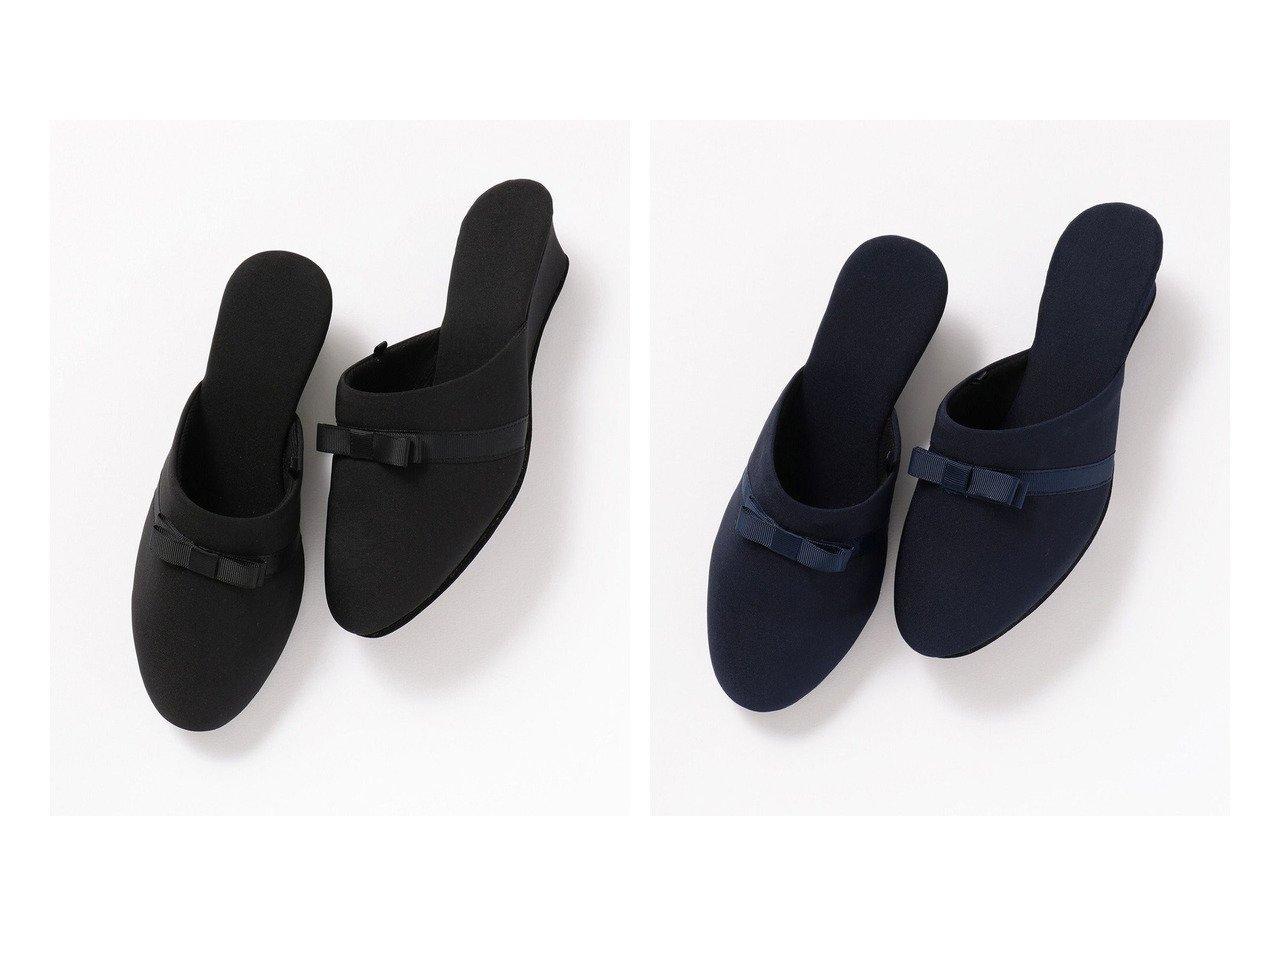 【any SiS/エニィ スィス】の【巾着ポーチ付き】ヒールポケッタブル シューズ セット 【シューズ・靴】おすすめ!人気、トレンド・レディースファッションの通販 おすすめで人気の流行・トレンド、ファッションの通販商品 インテリア・家具・メンズファッション・キッズファッション・レディースファッション・服の通販 founy(ファニー) https://founy.com/ ファッション Fashion レディースファッション WOMEN ポーチ Pouches 送料無料 Free Shipping おすすめ Recommend シューズ スリッパ ポーチ リボン レース ワンポイント 巾着 雑誌 |ID:crp329100000046155